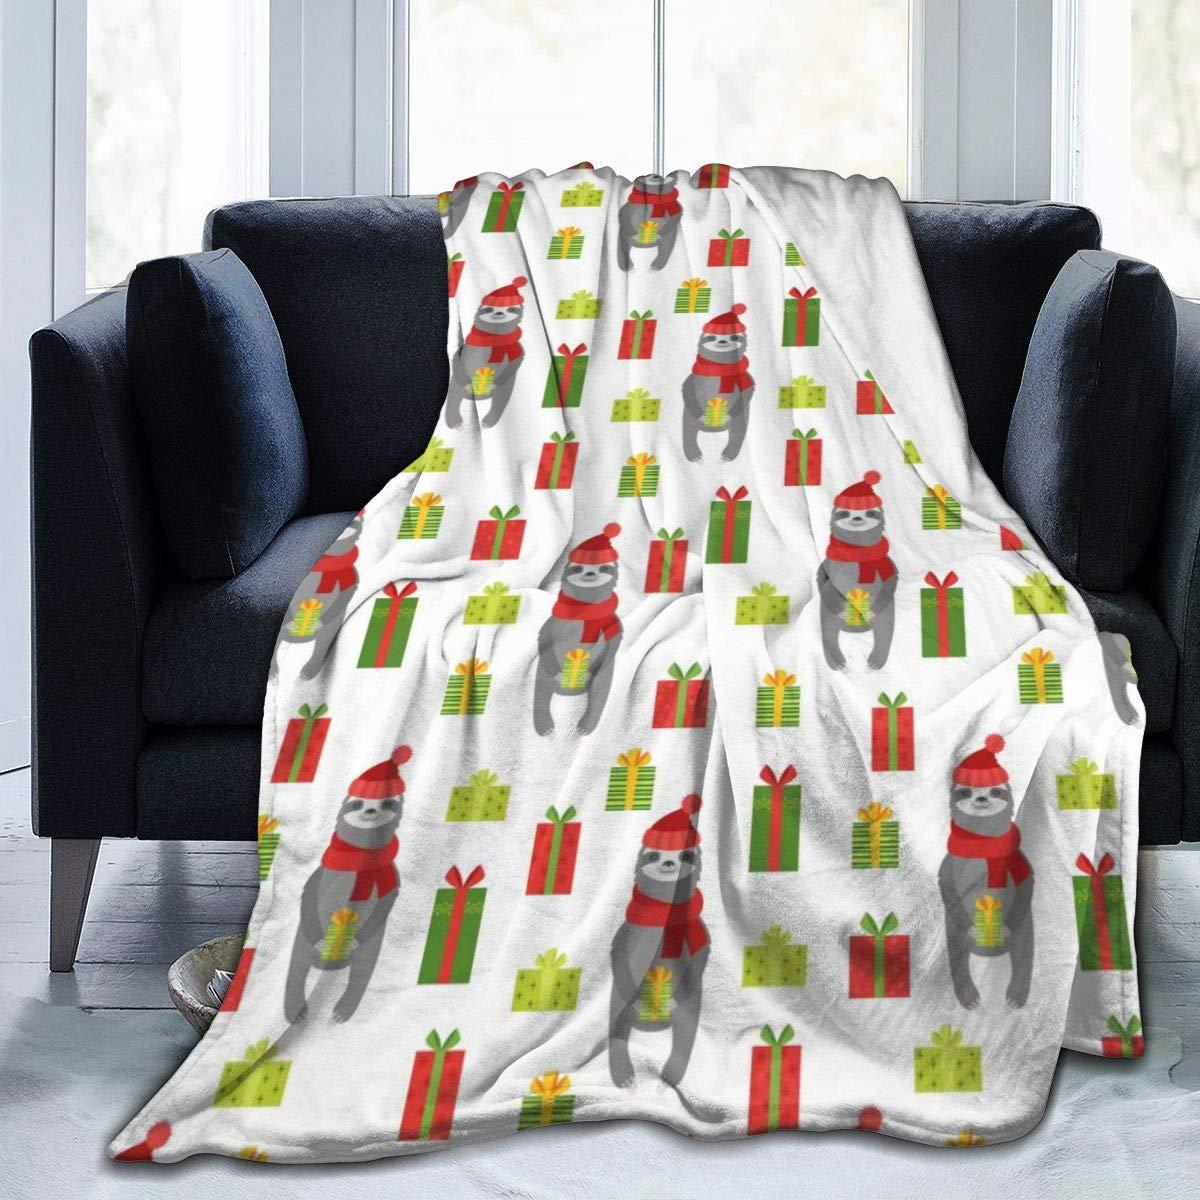 Couverture de jet en molleton pour le canapé - 50x40, légère, paresse de Noël avec des cadeaux jetez des couvertures pour chambre à coucher - doux, peluche,